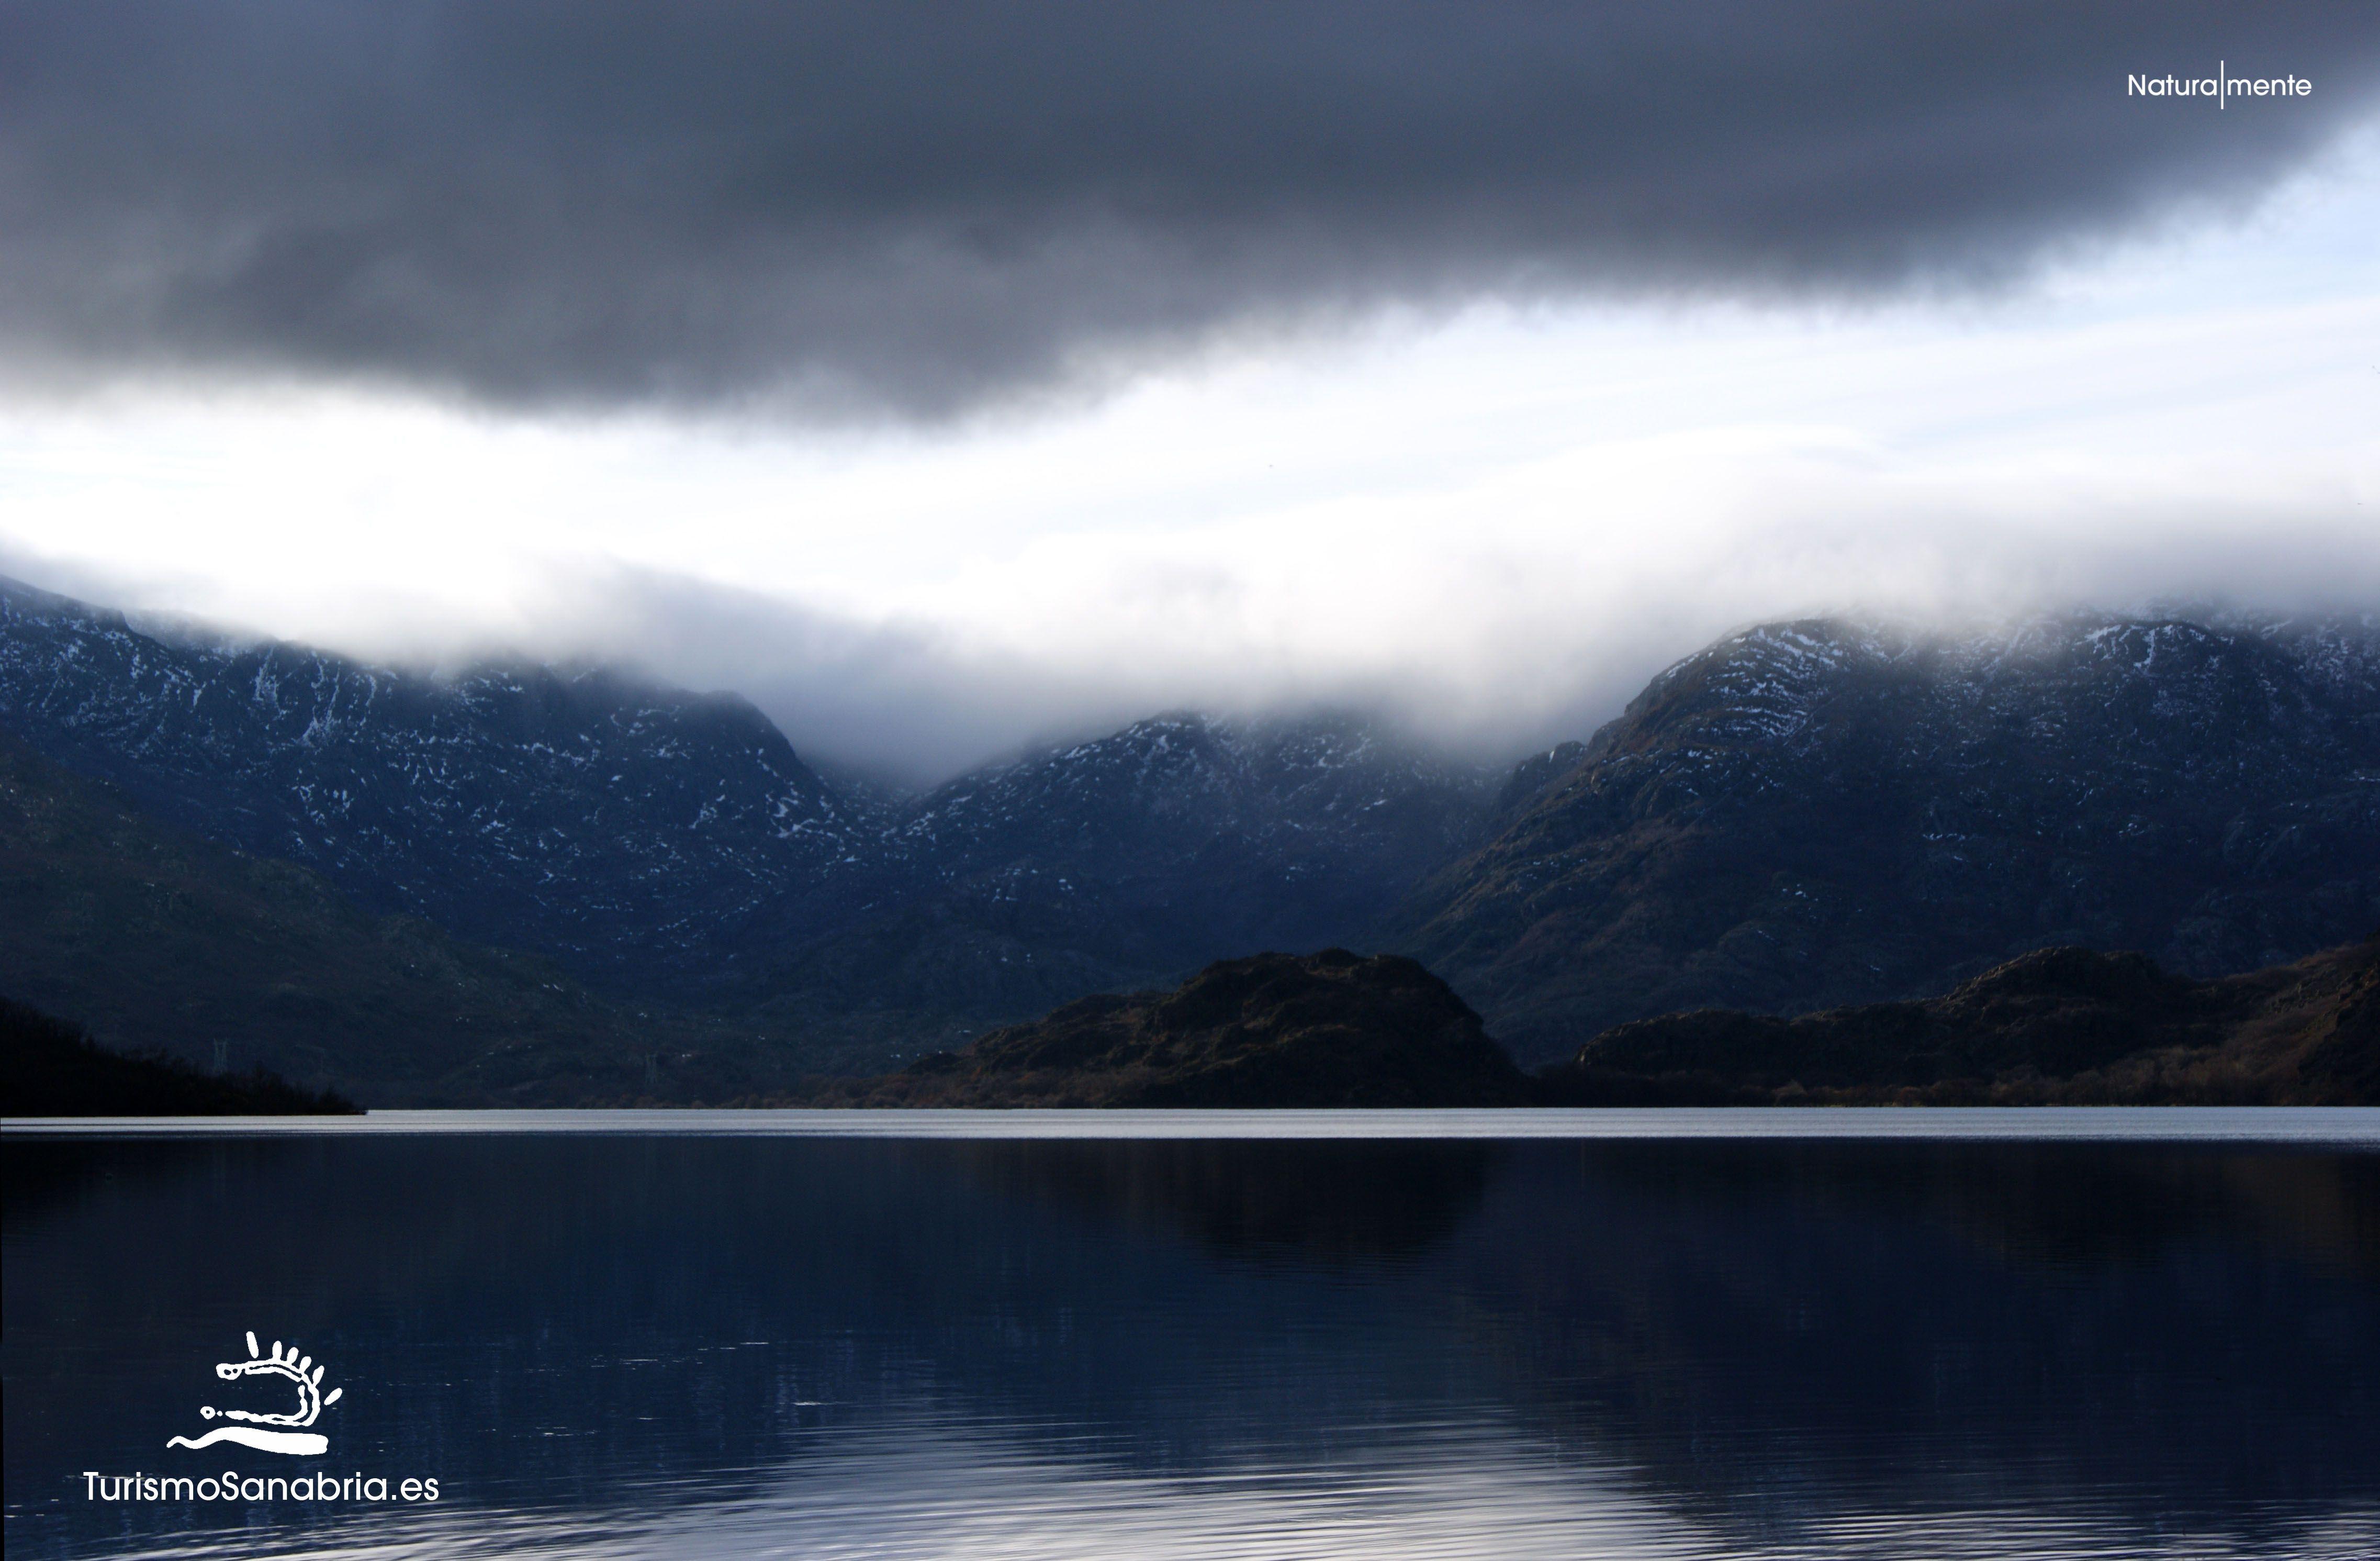 Lago de Sanabria, puro espectáculo